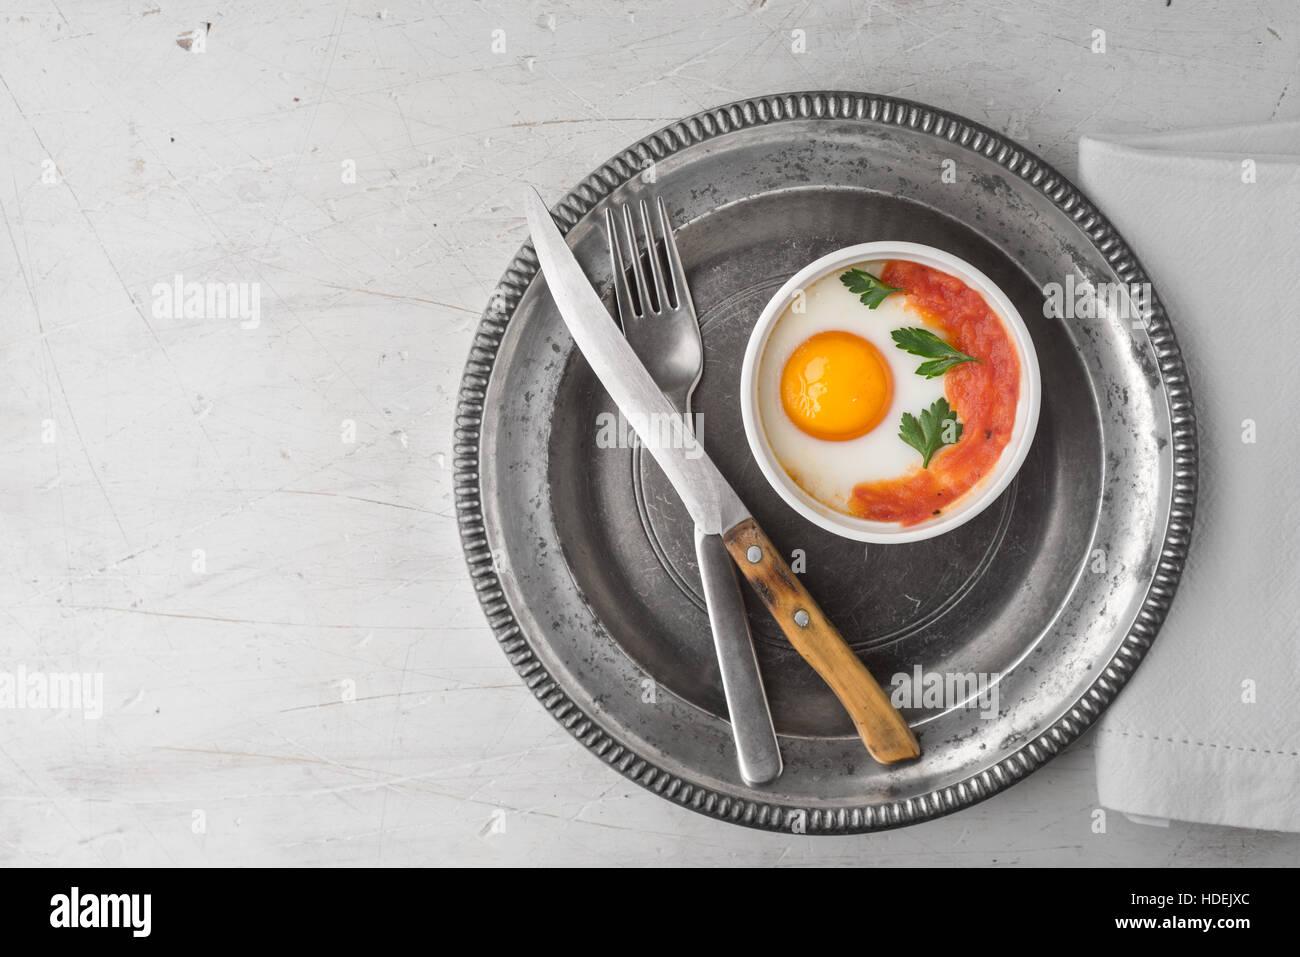 Eiern gebacken mit Tomaten und Petersilie in die Förmchen mit Besteck Draufsicht Stockbild